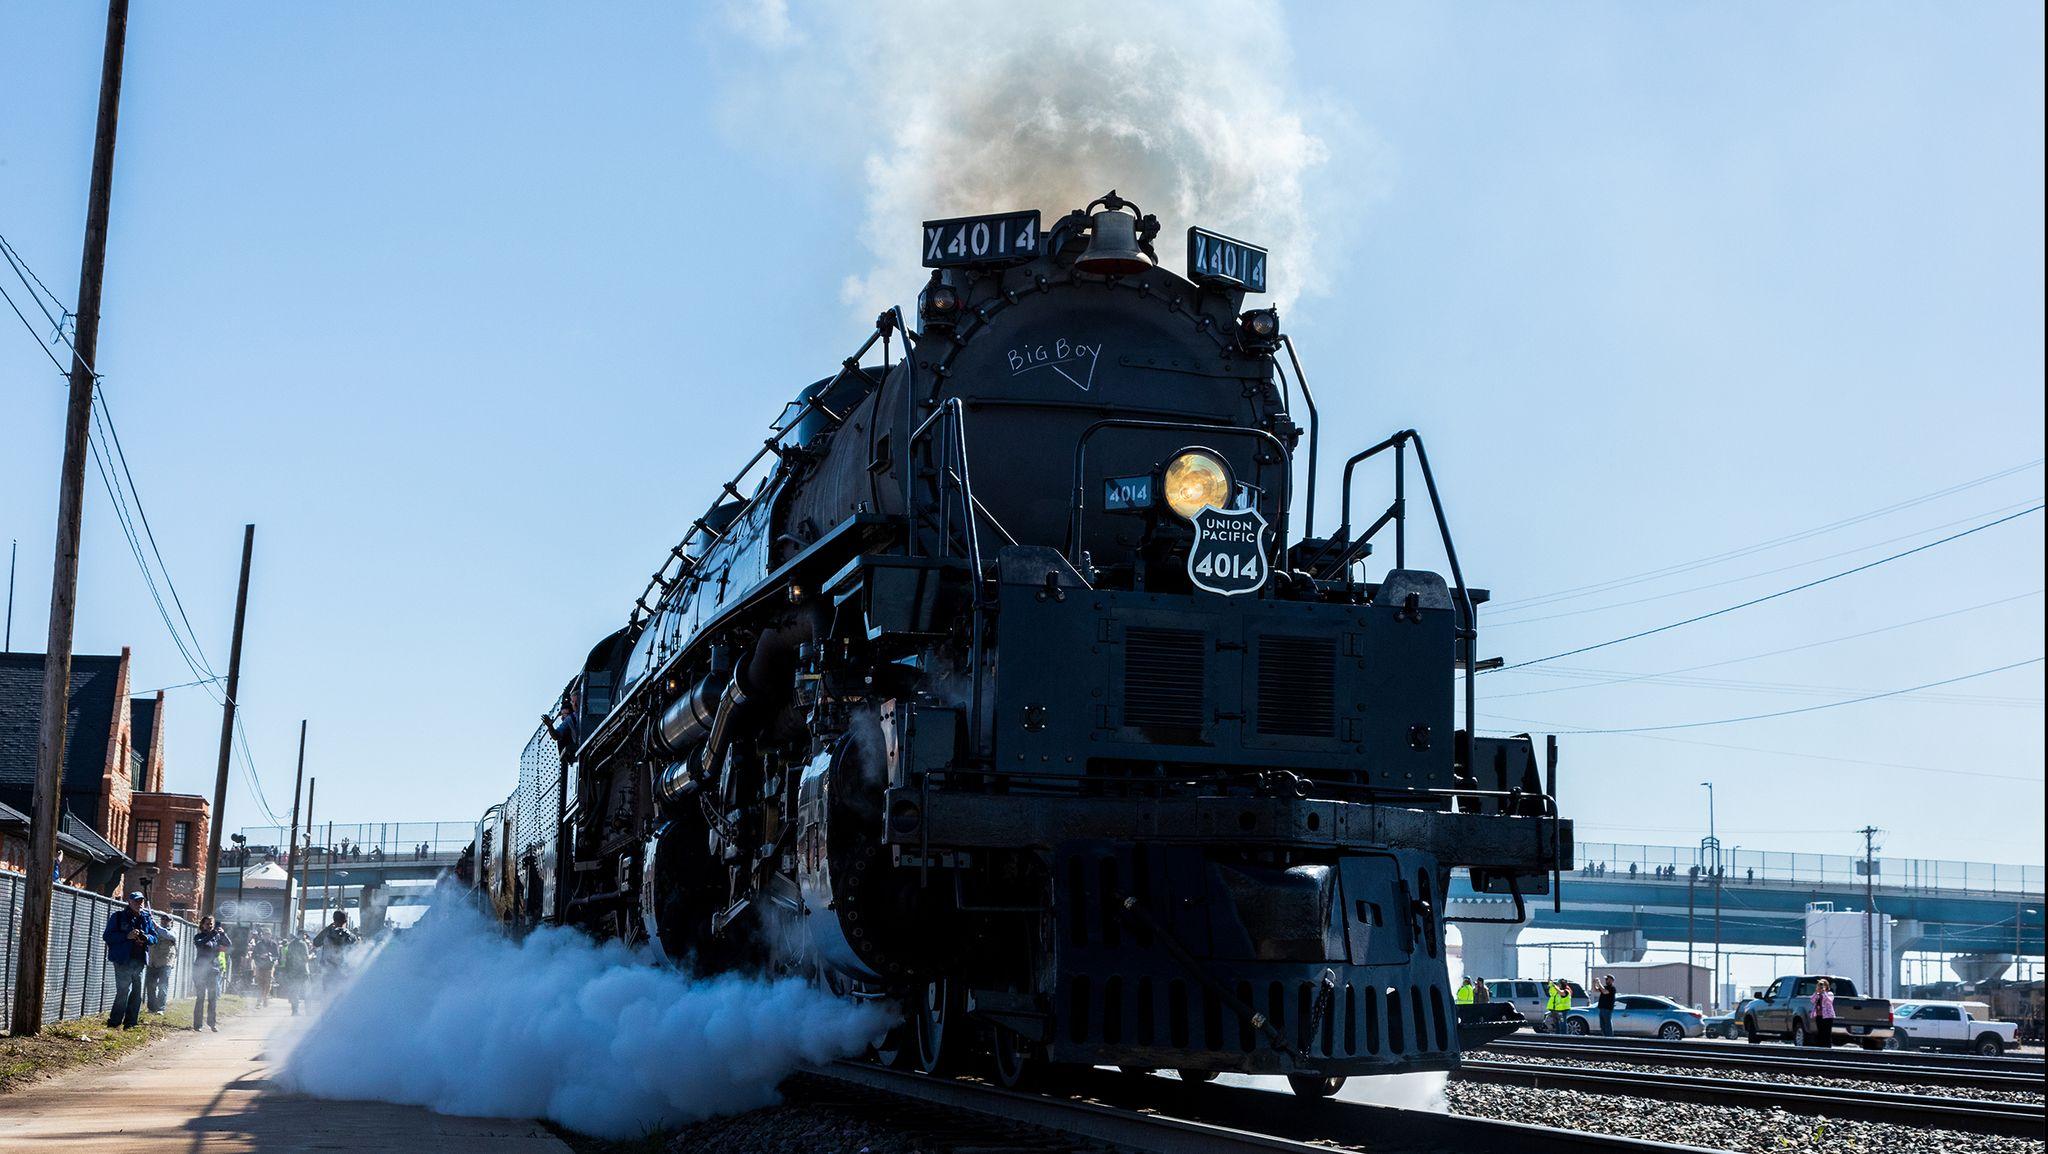 Why the Big Boy 4014 is Such a Badass Train